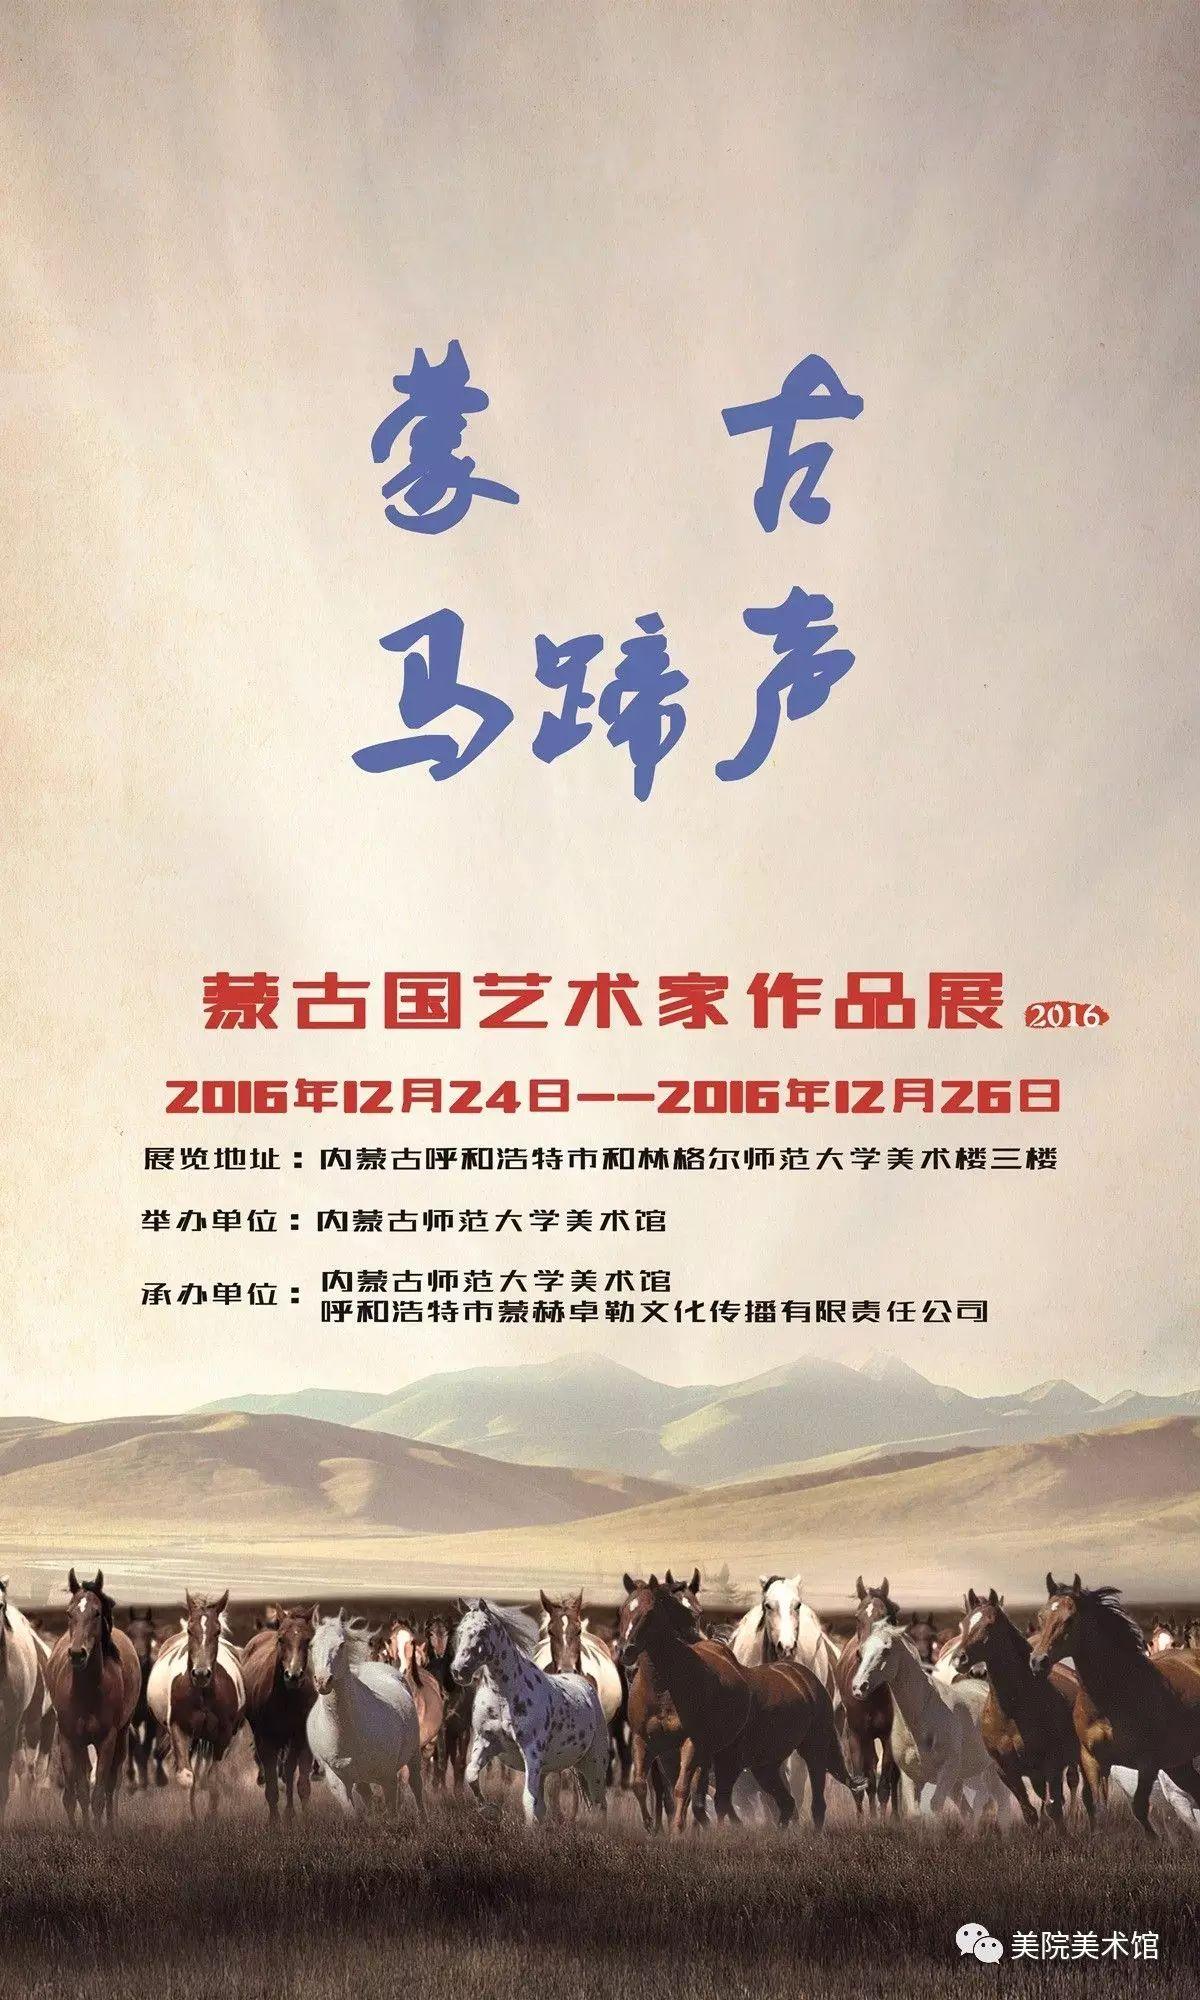 展览|蒙古国艺术家作品展 第1张 展览|蒙古国艺术家作品展 蒙古画廊